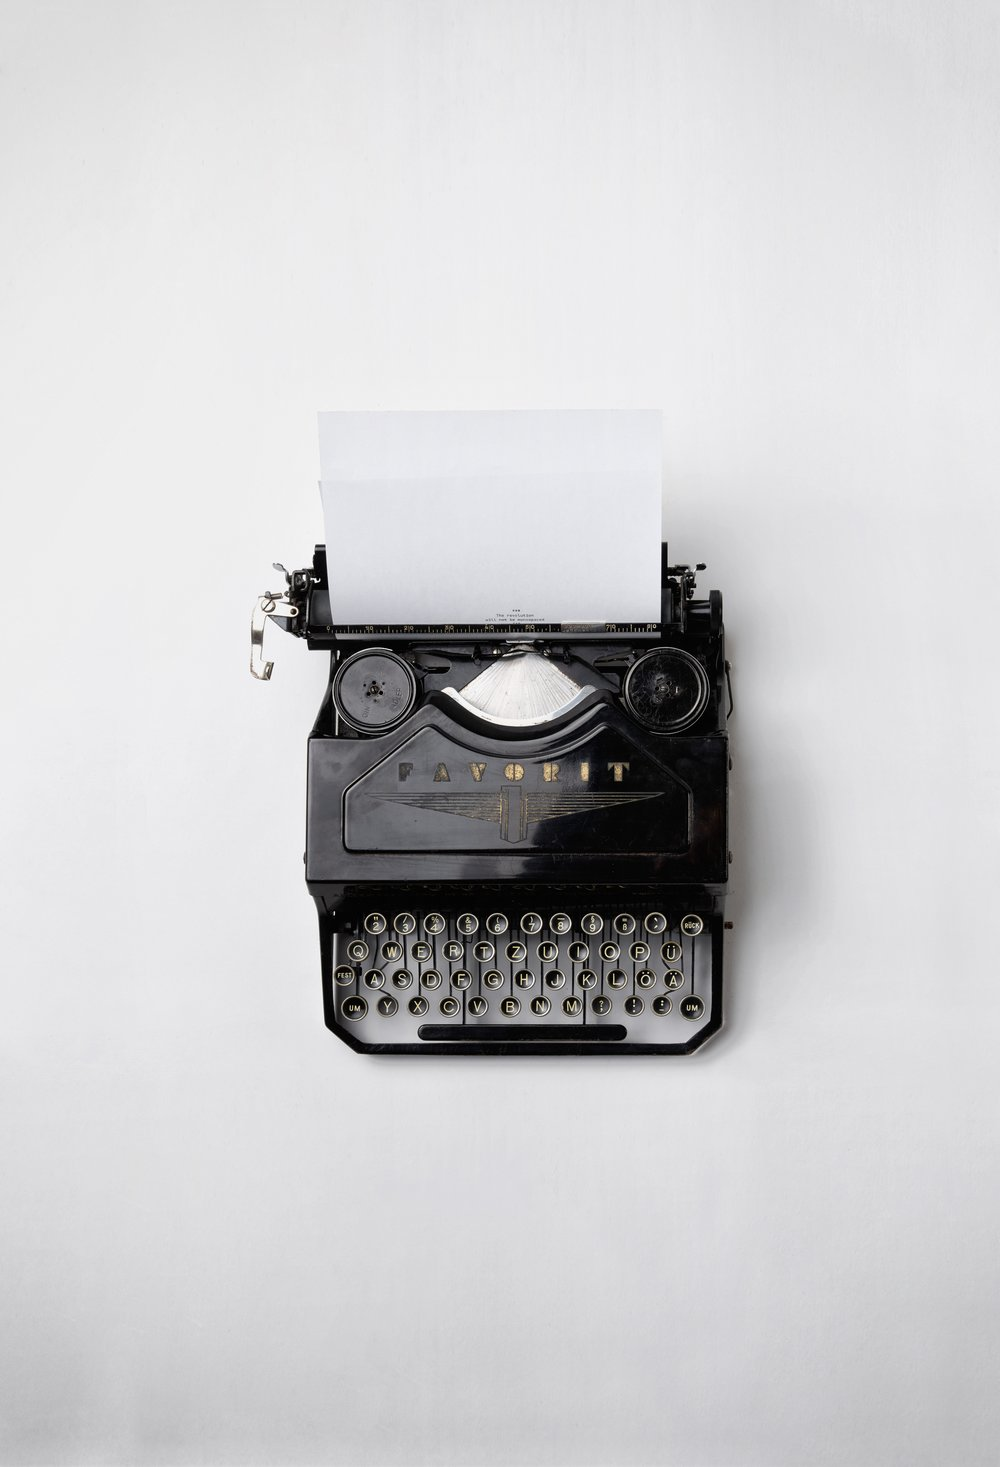 Copywriting services by SarahDesign.com